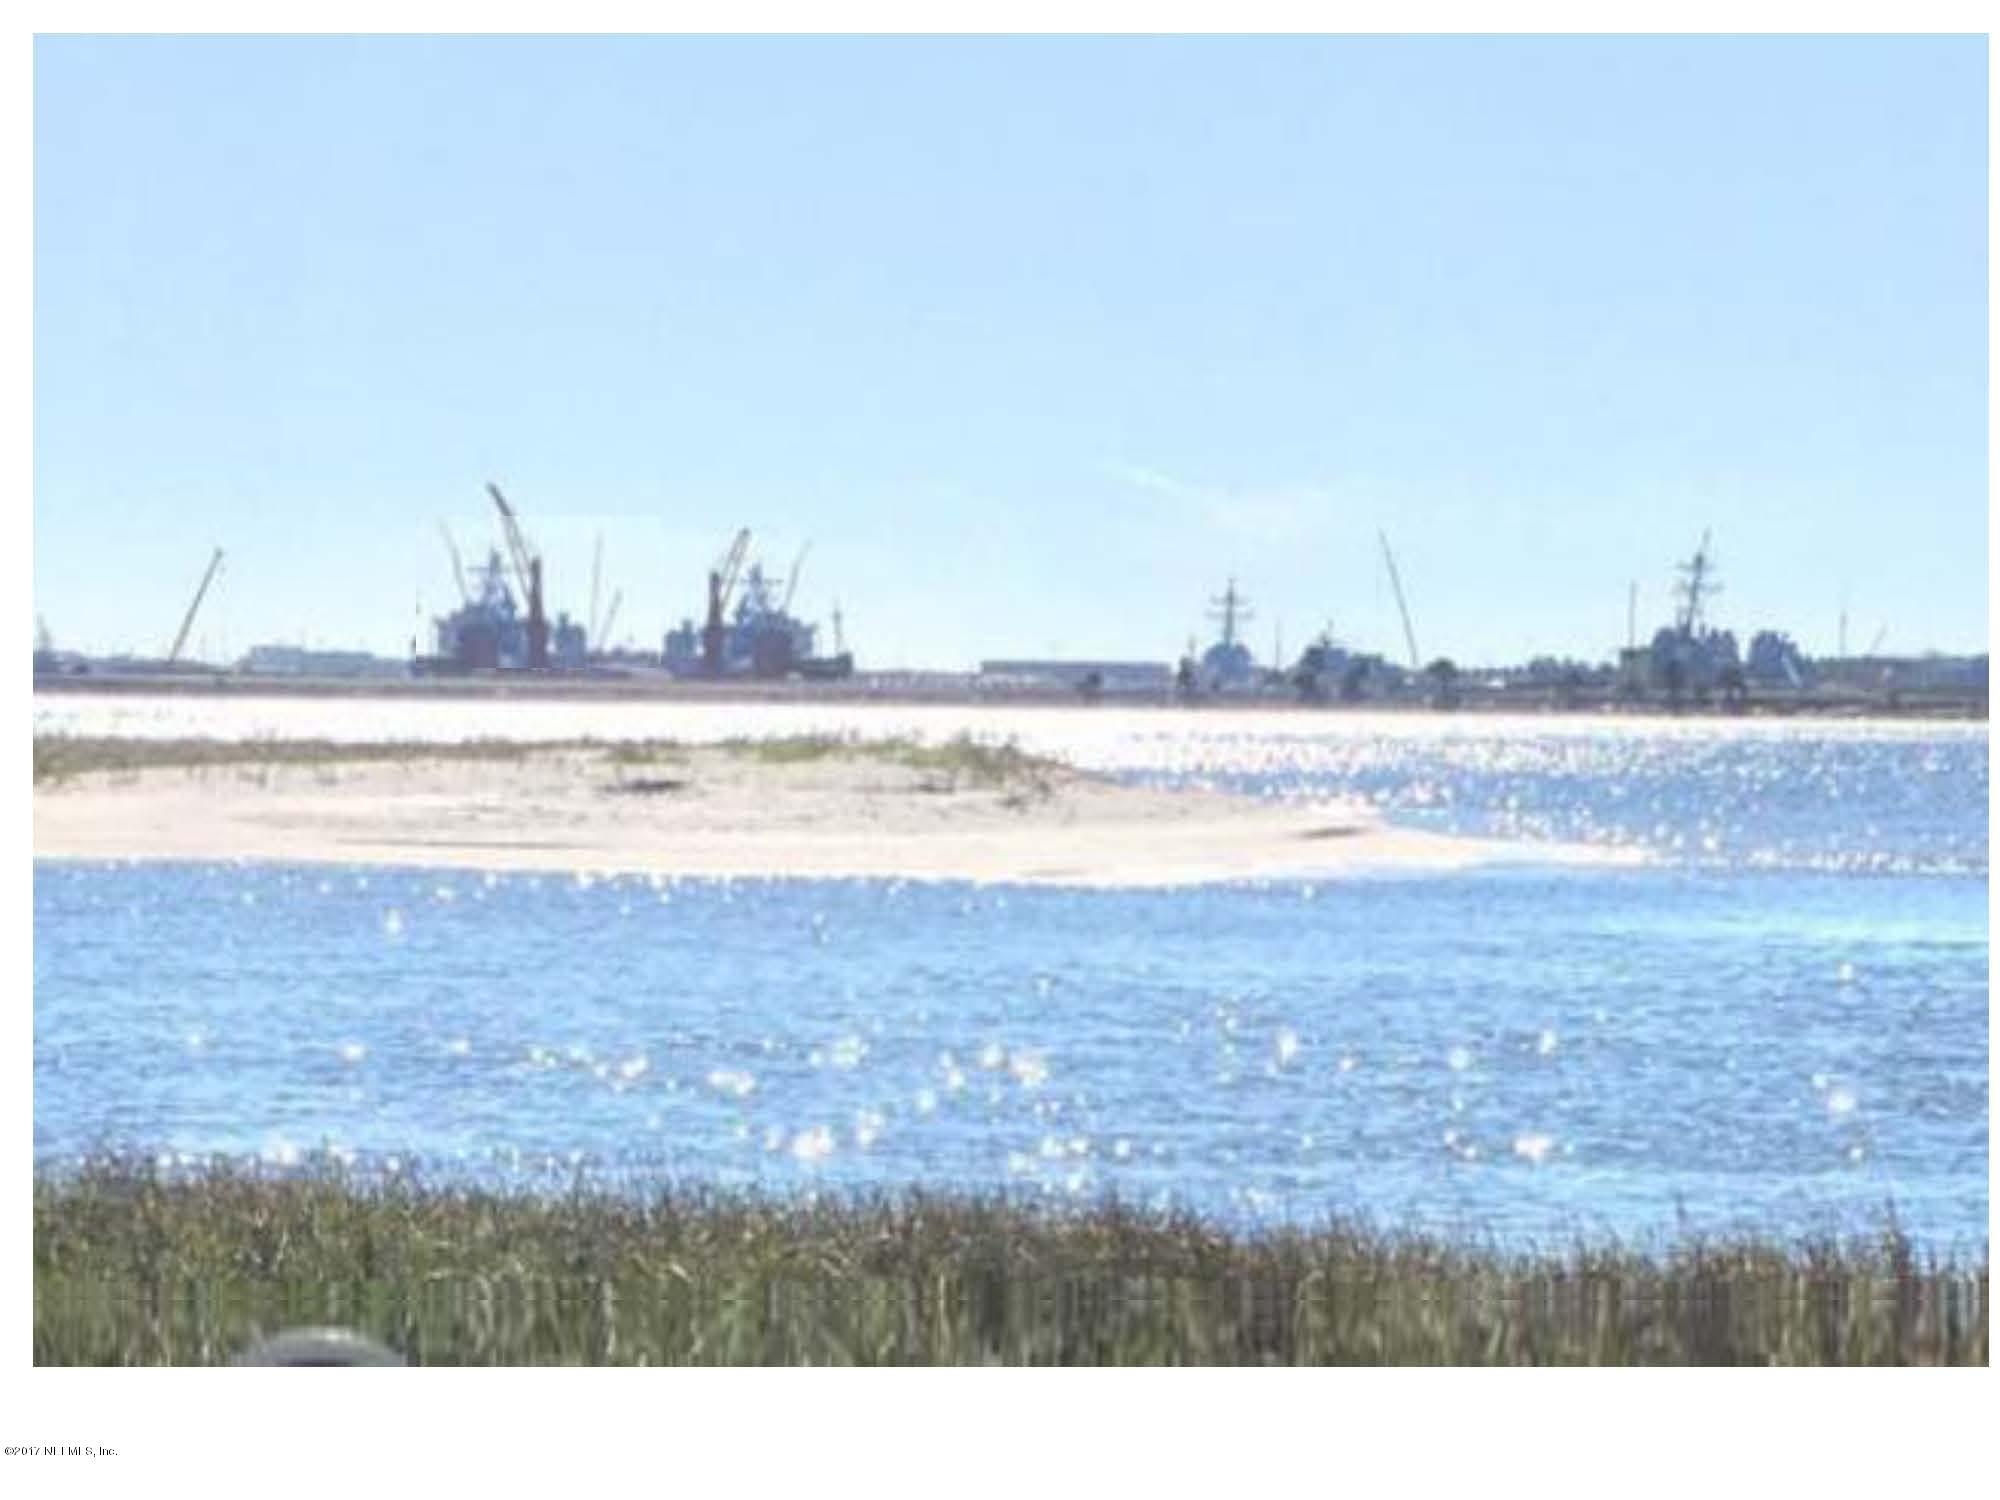 10300 L41 HECKSCHER, JACKSONVILLE, FLORIDA 32226, ,Vacant land,For sale,HECKSCHER,907870